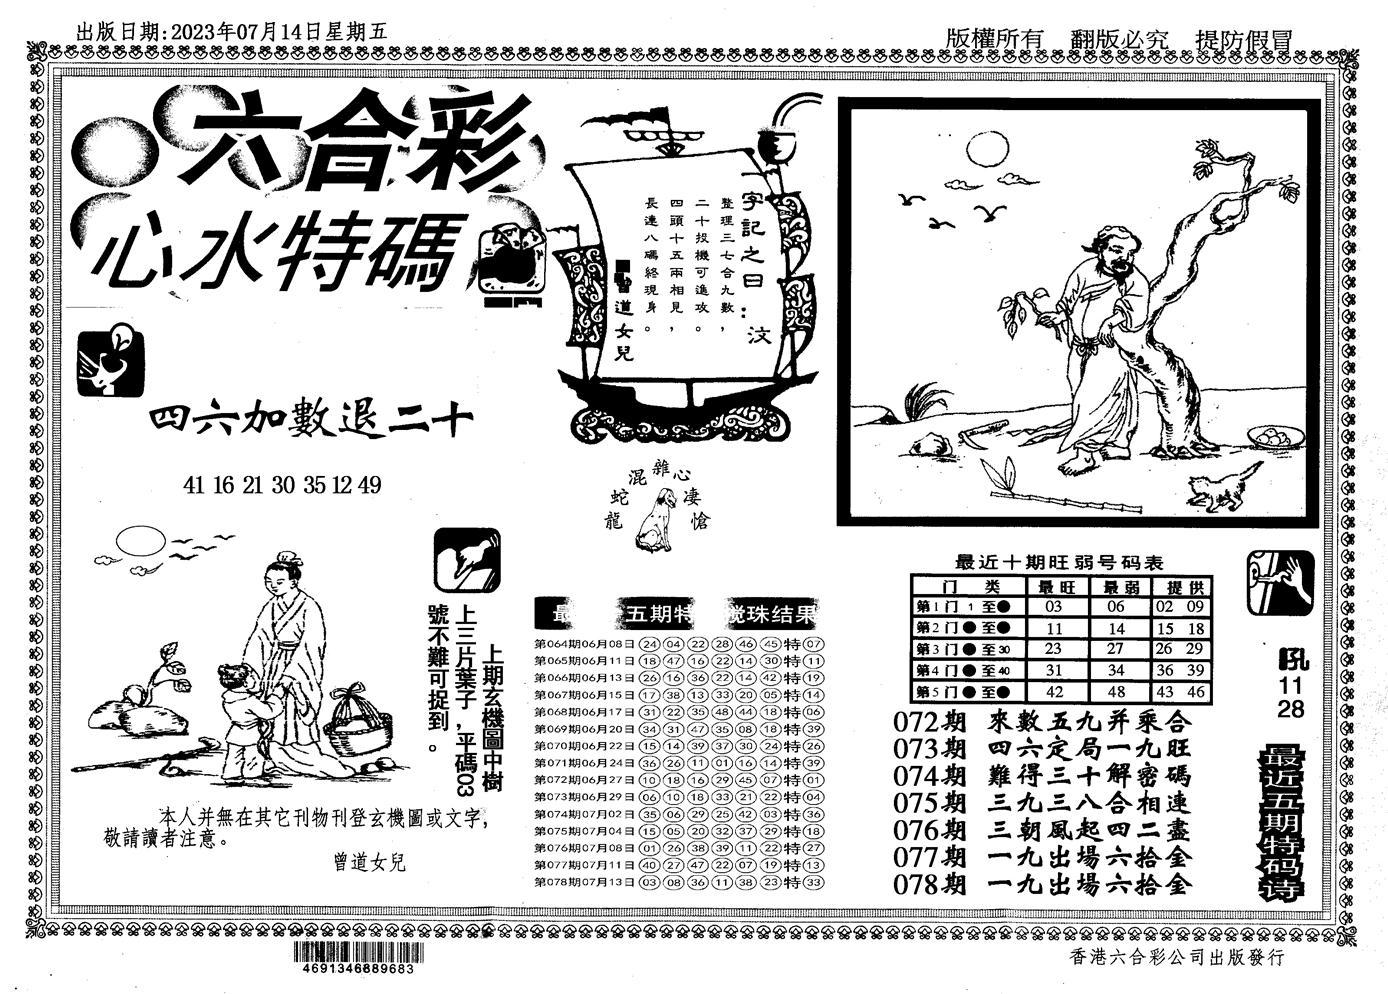 079期新特码心水(黑白)